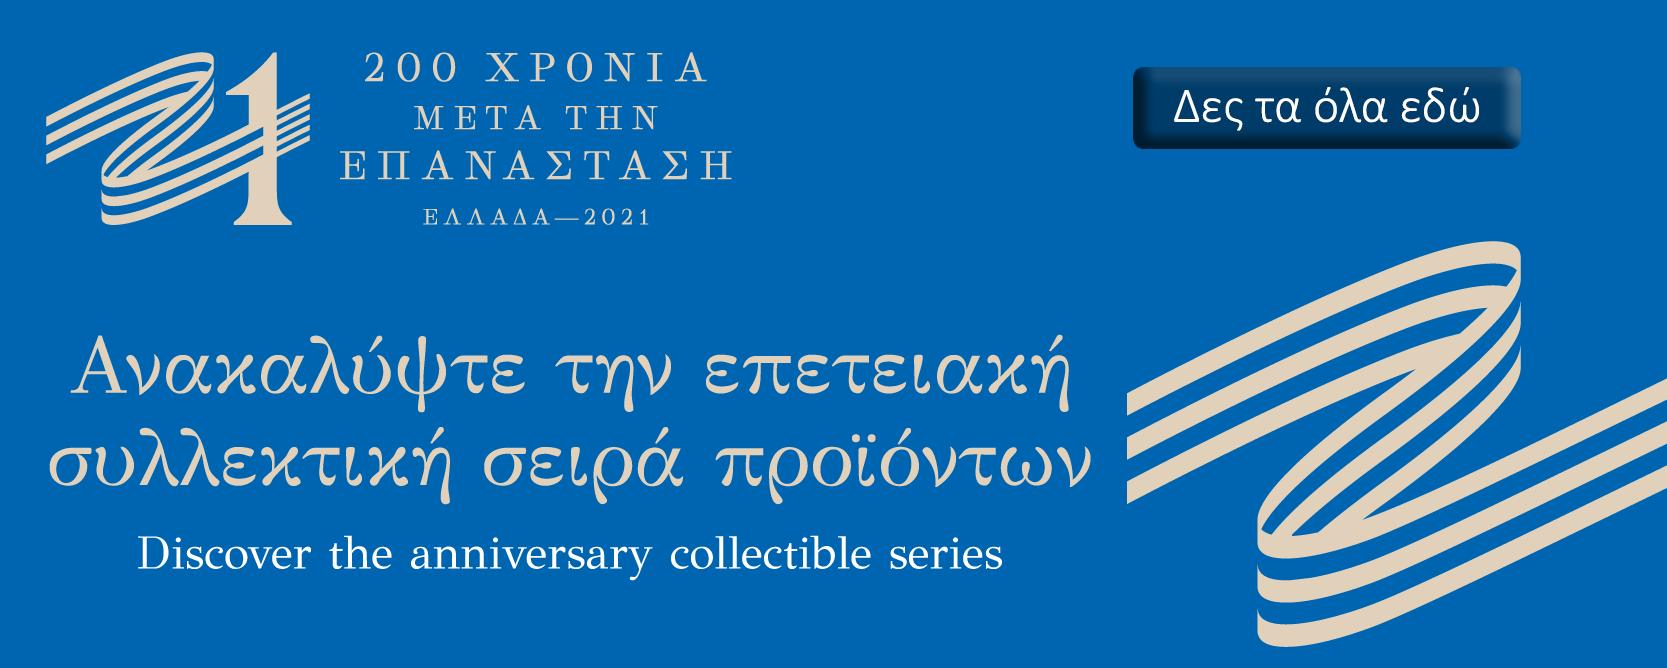 Ελλάδα 2021 BANNER